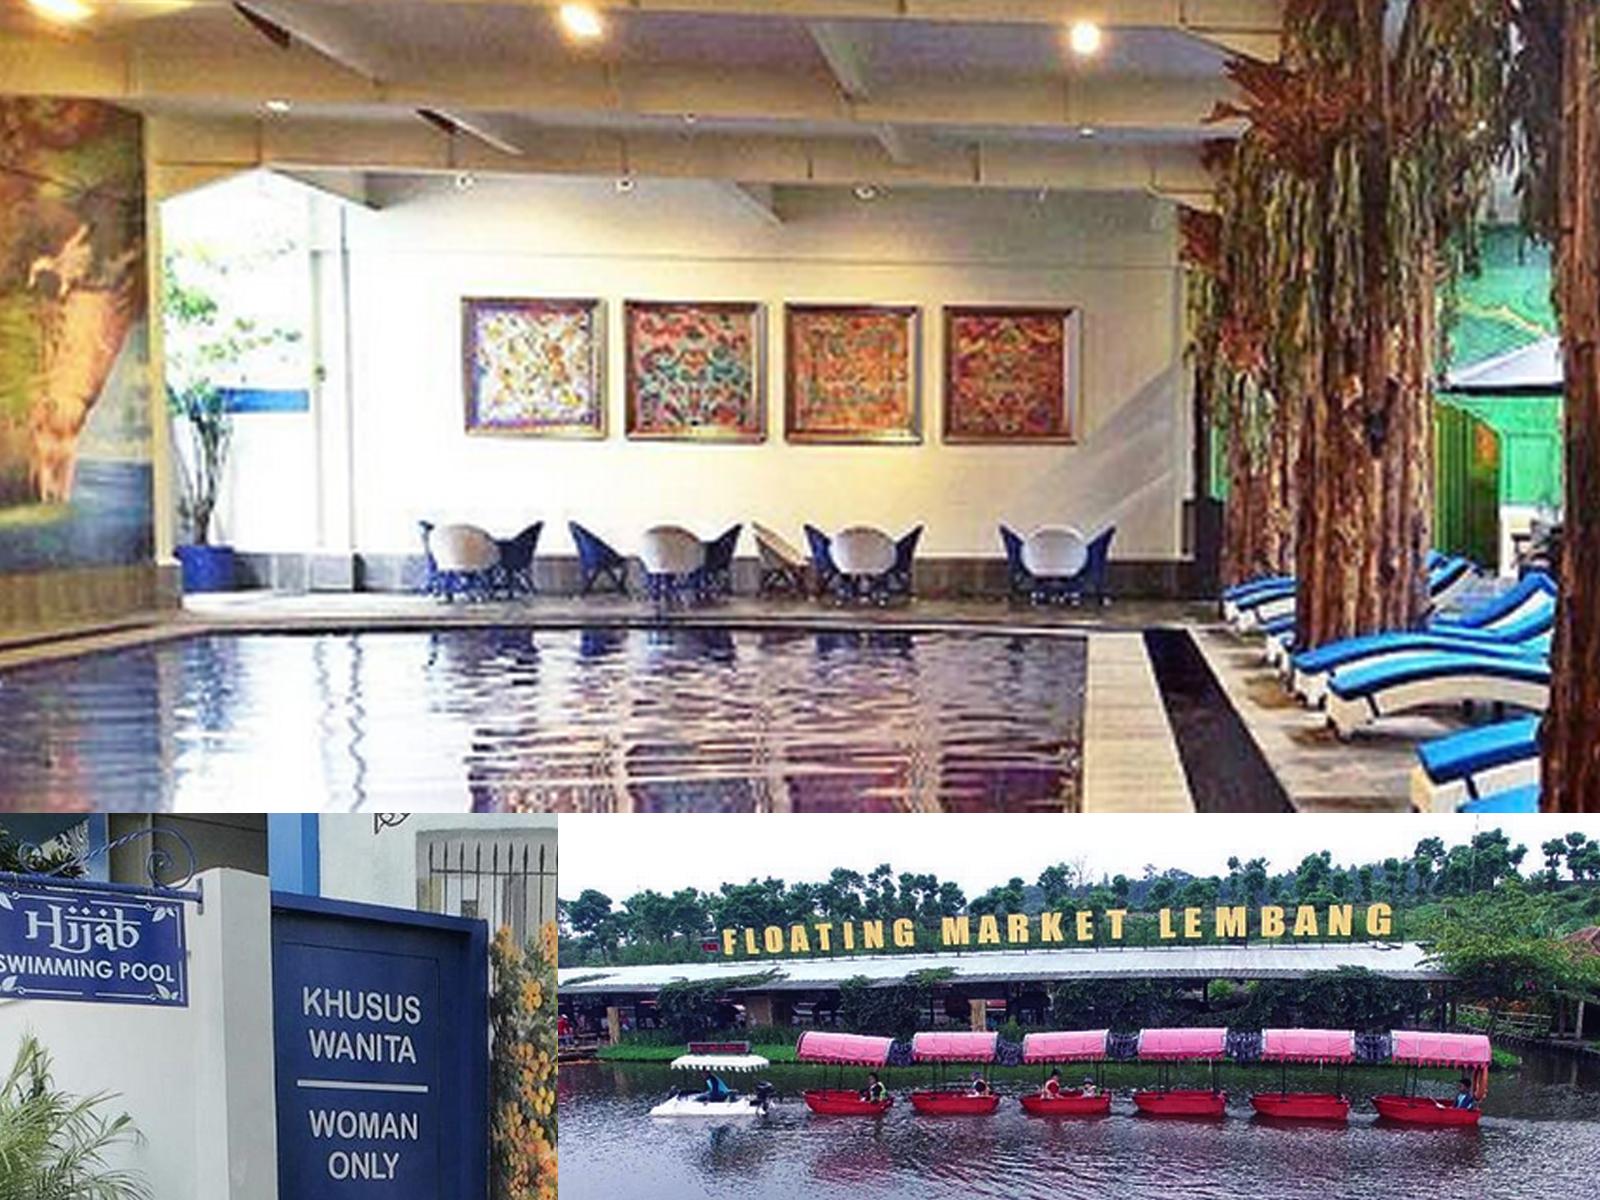 Kolam Renang Hijaber Floating Market Lembang